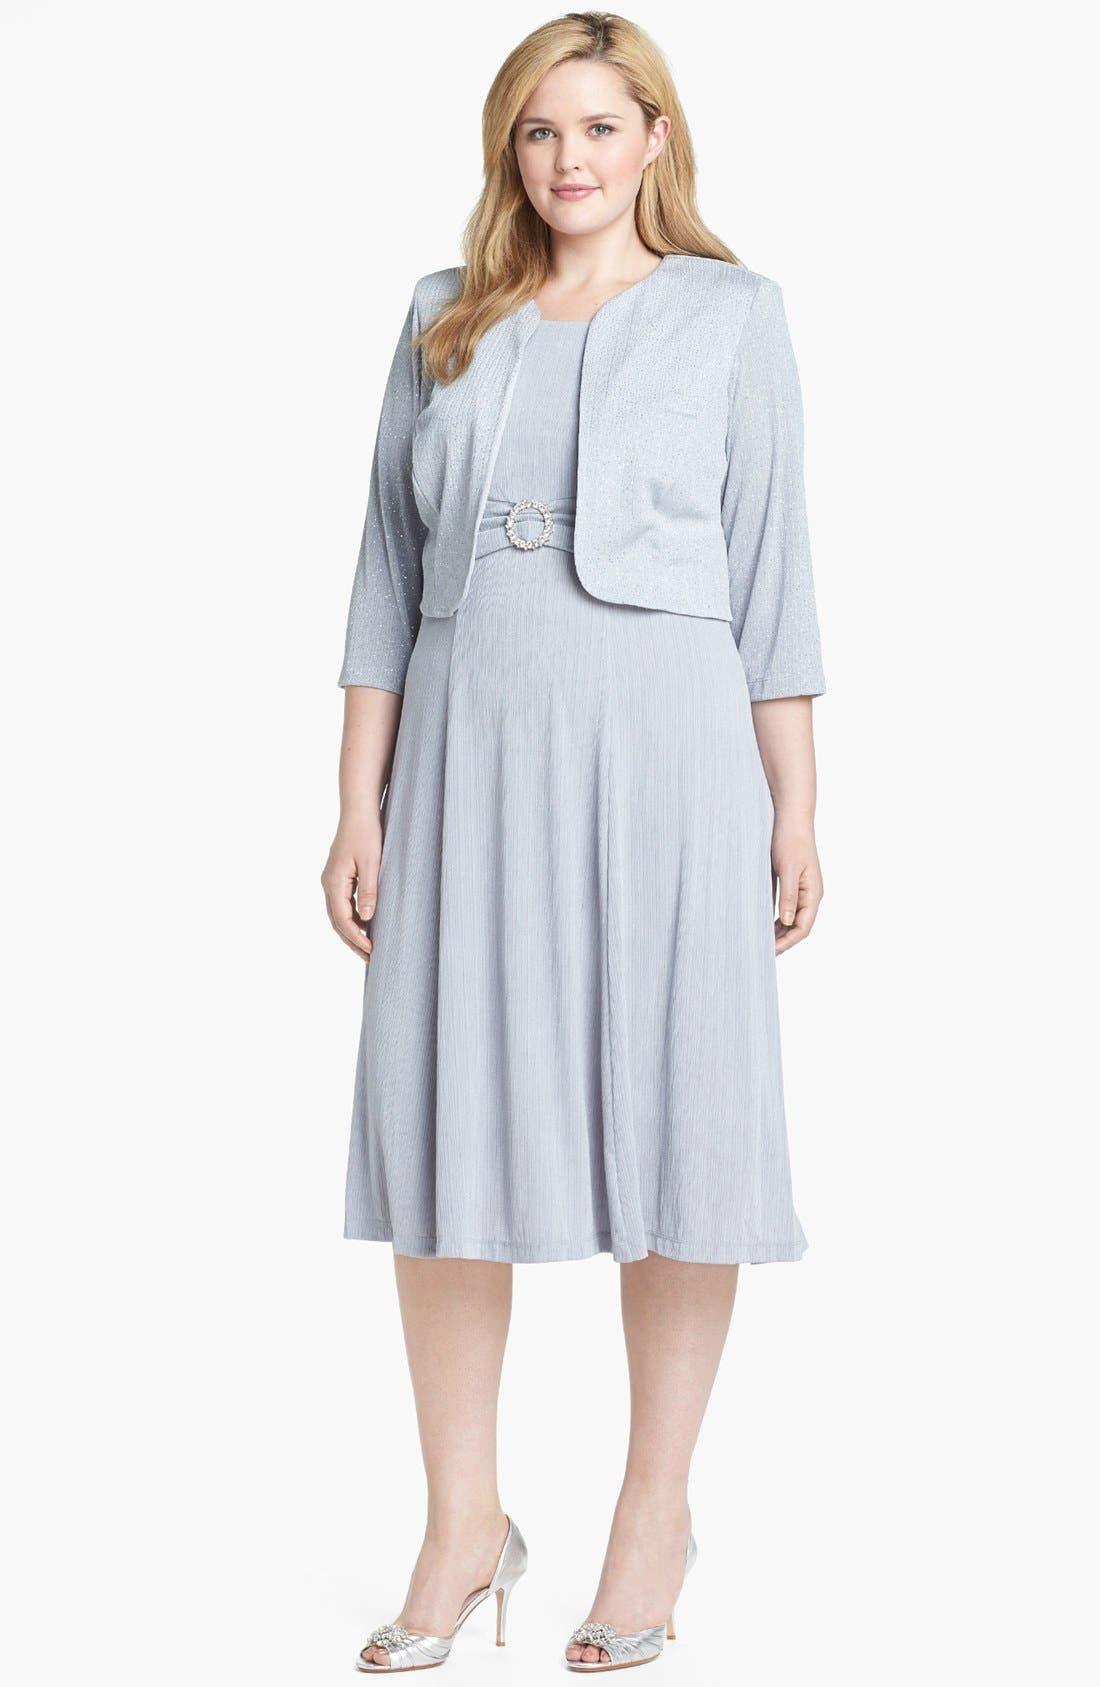 Alternate Image 1 Selected - Jessica Howard Embellished Dress & Jacket (Plus Size)